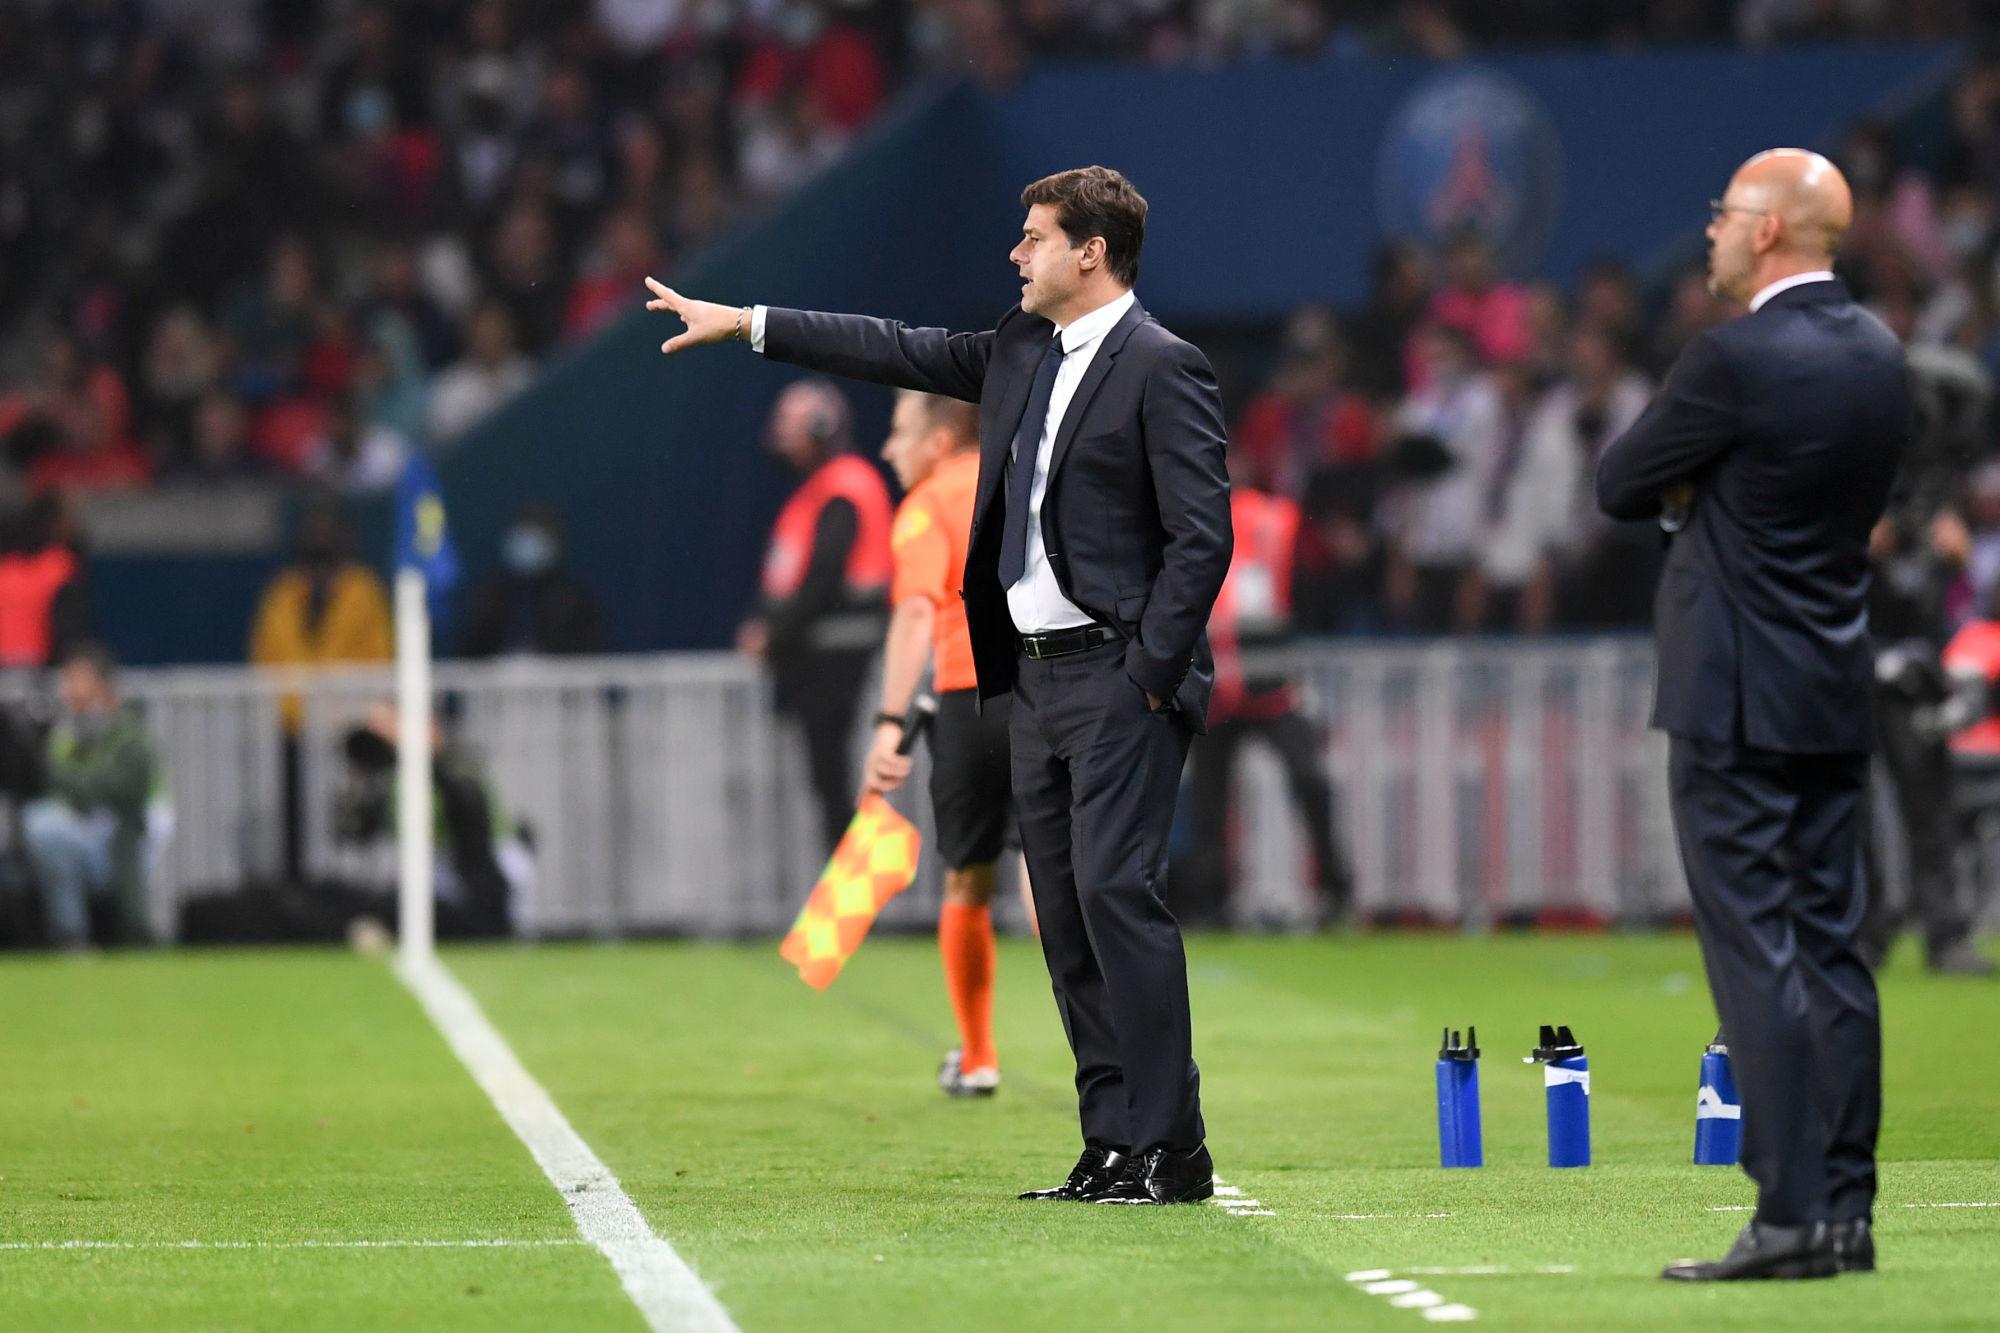 """PSG/Lyon - Pochettino """"On a montré de belles choses mais on est encore en pleine préparation"""""""